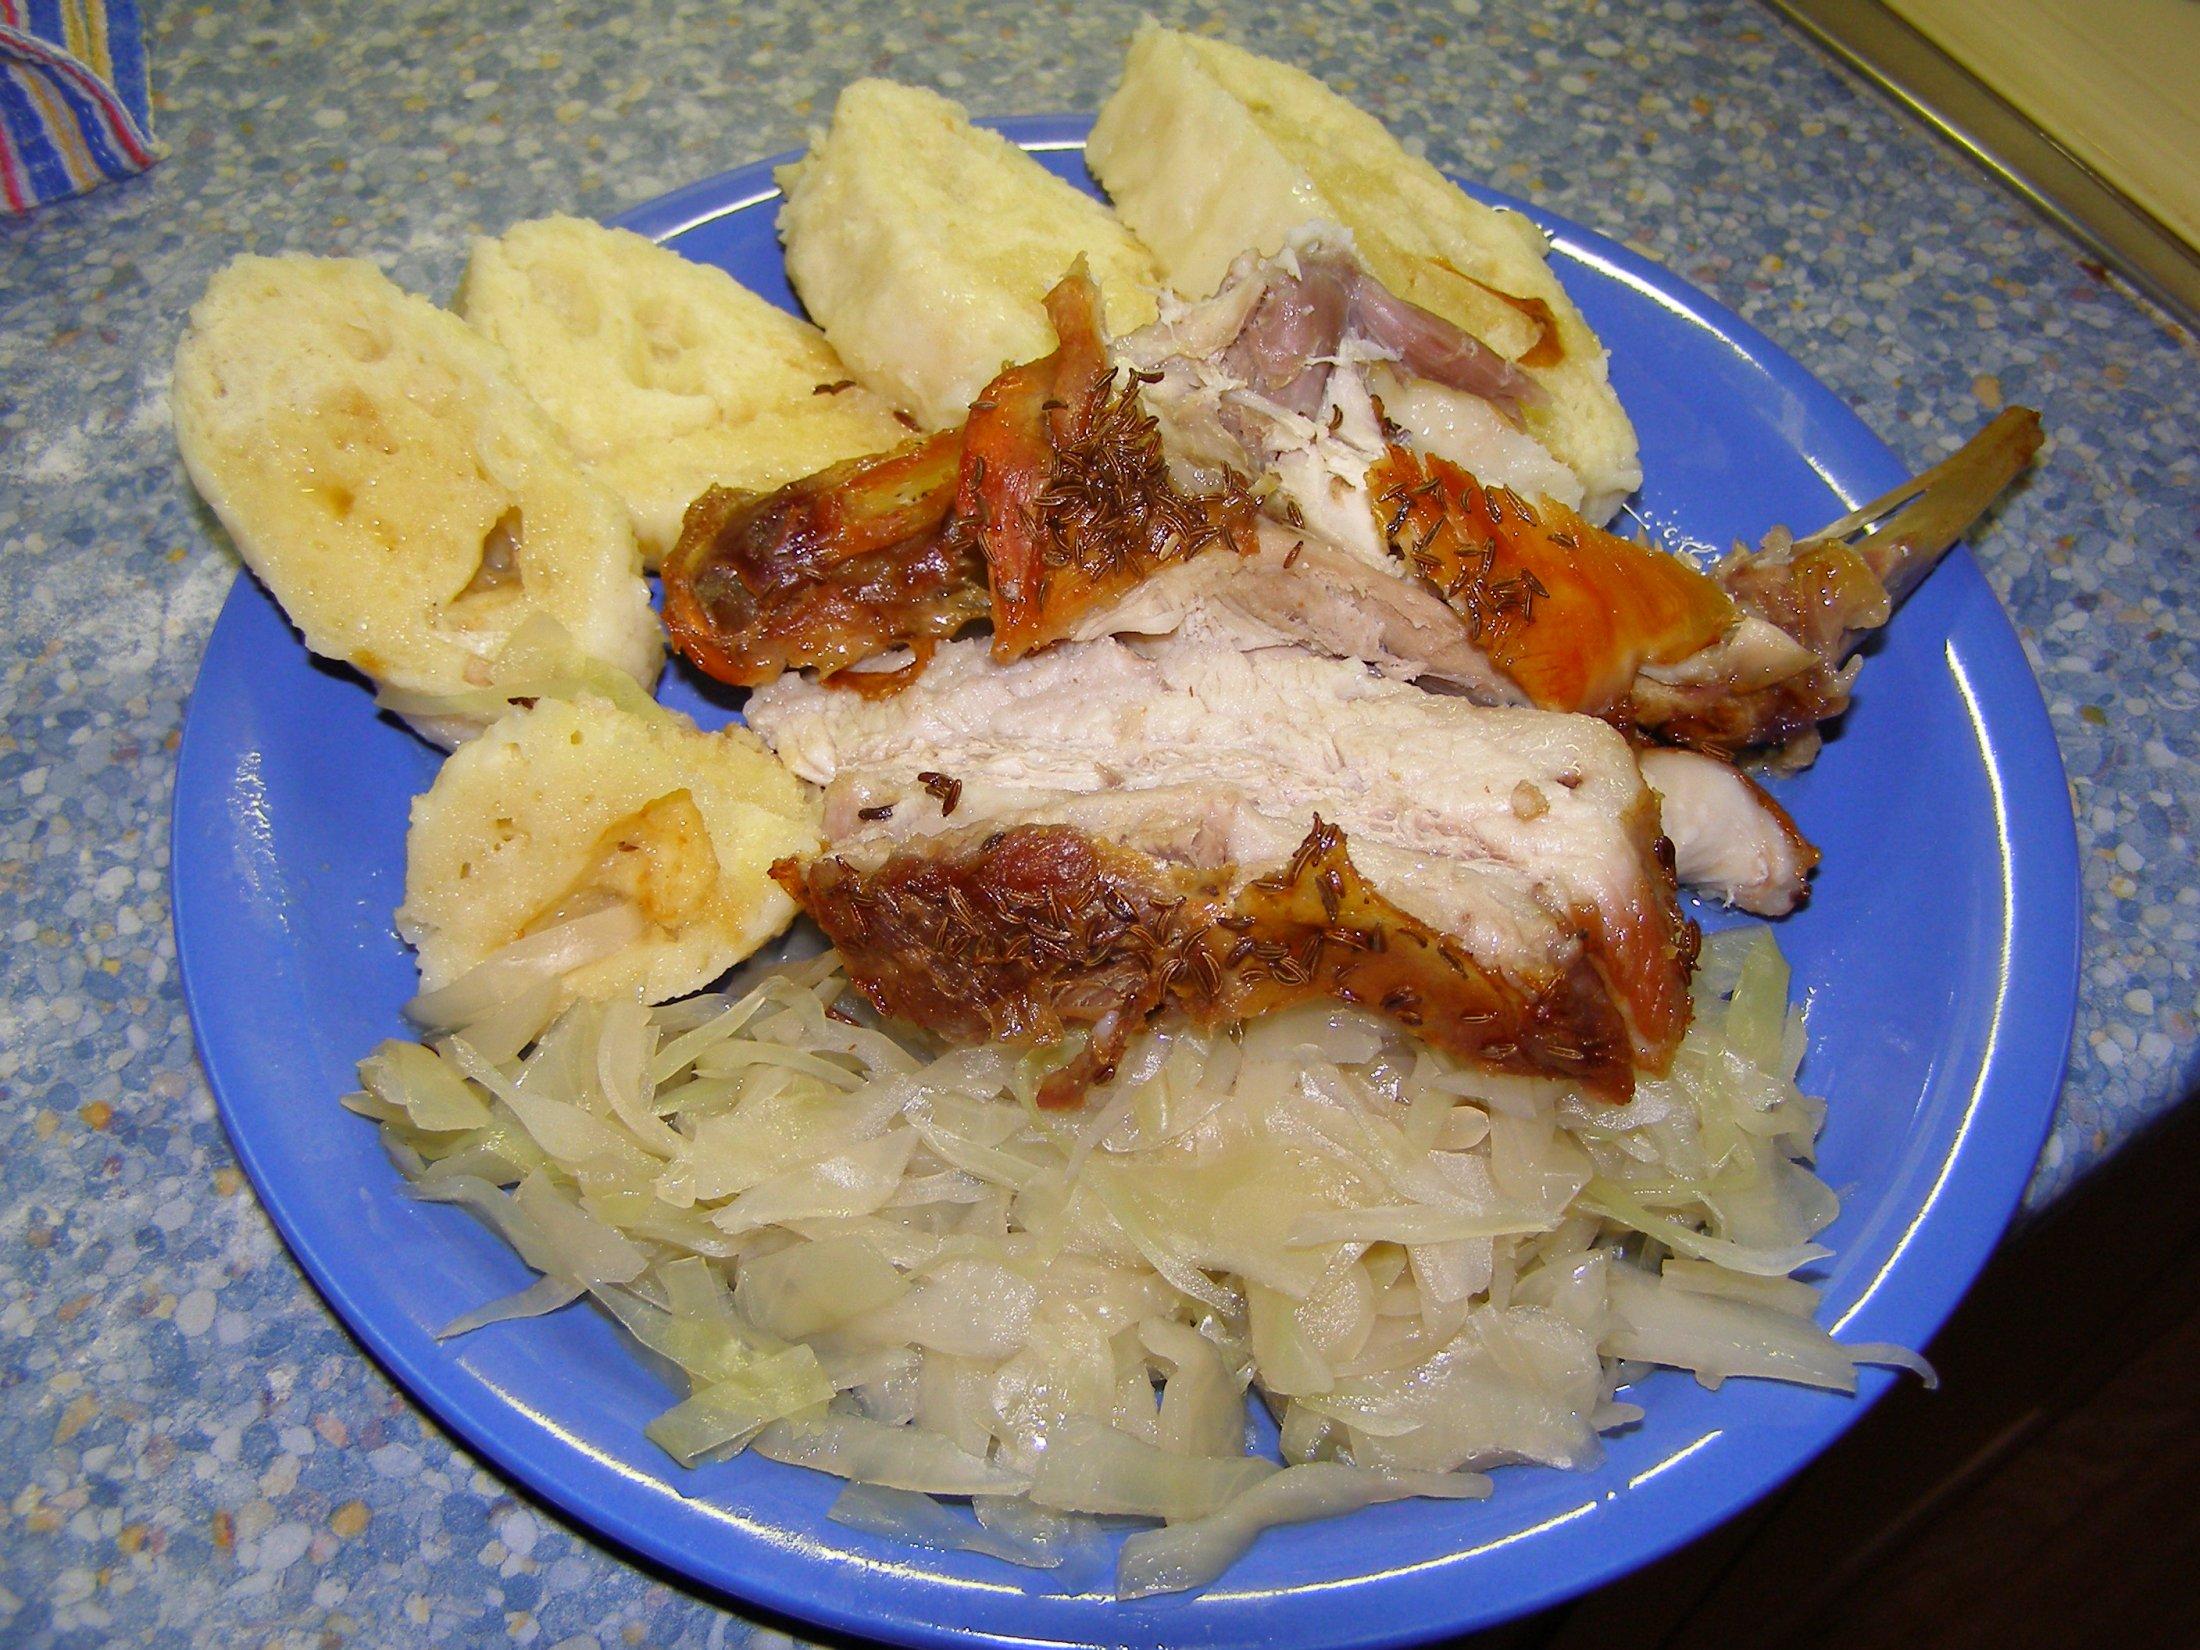 Recept Pečený vepřový bůček - Vepřový bůček se zelím a domácím knedlíkem a s masem králičím.